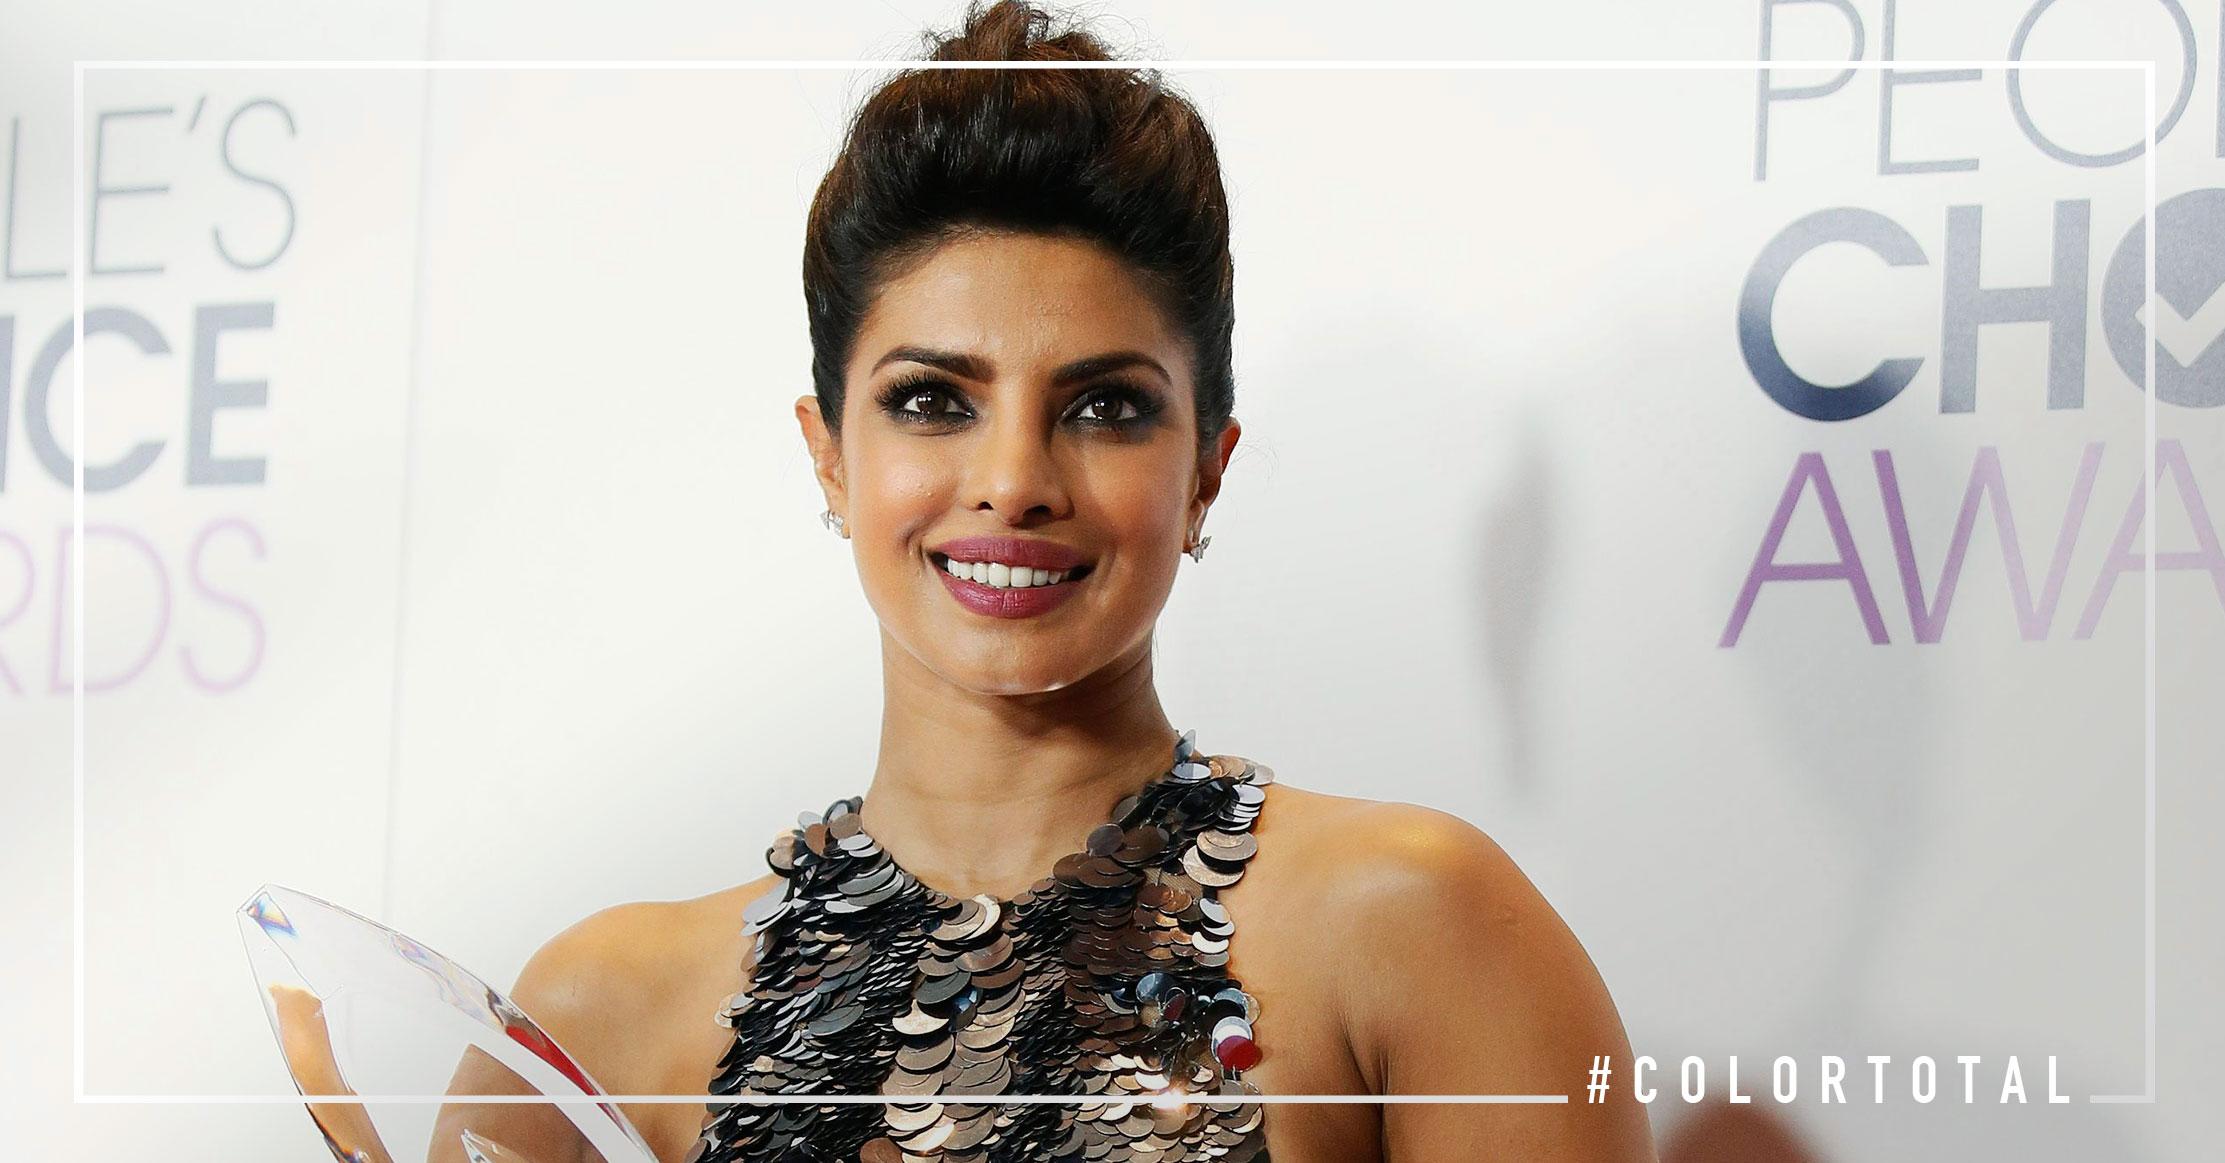 La estrella que cada vez brilla más : Priyanka Chopra peinado rockero